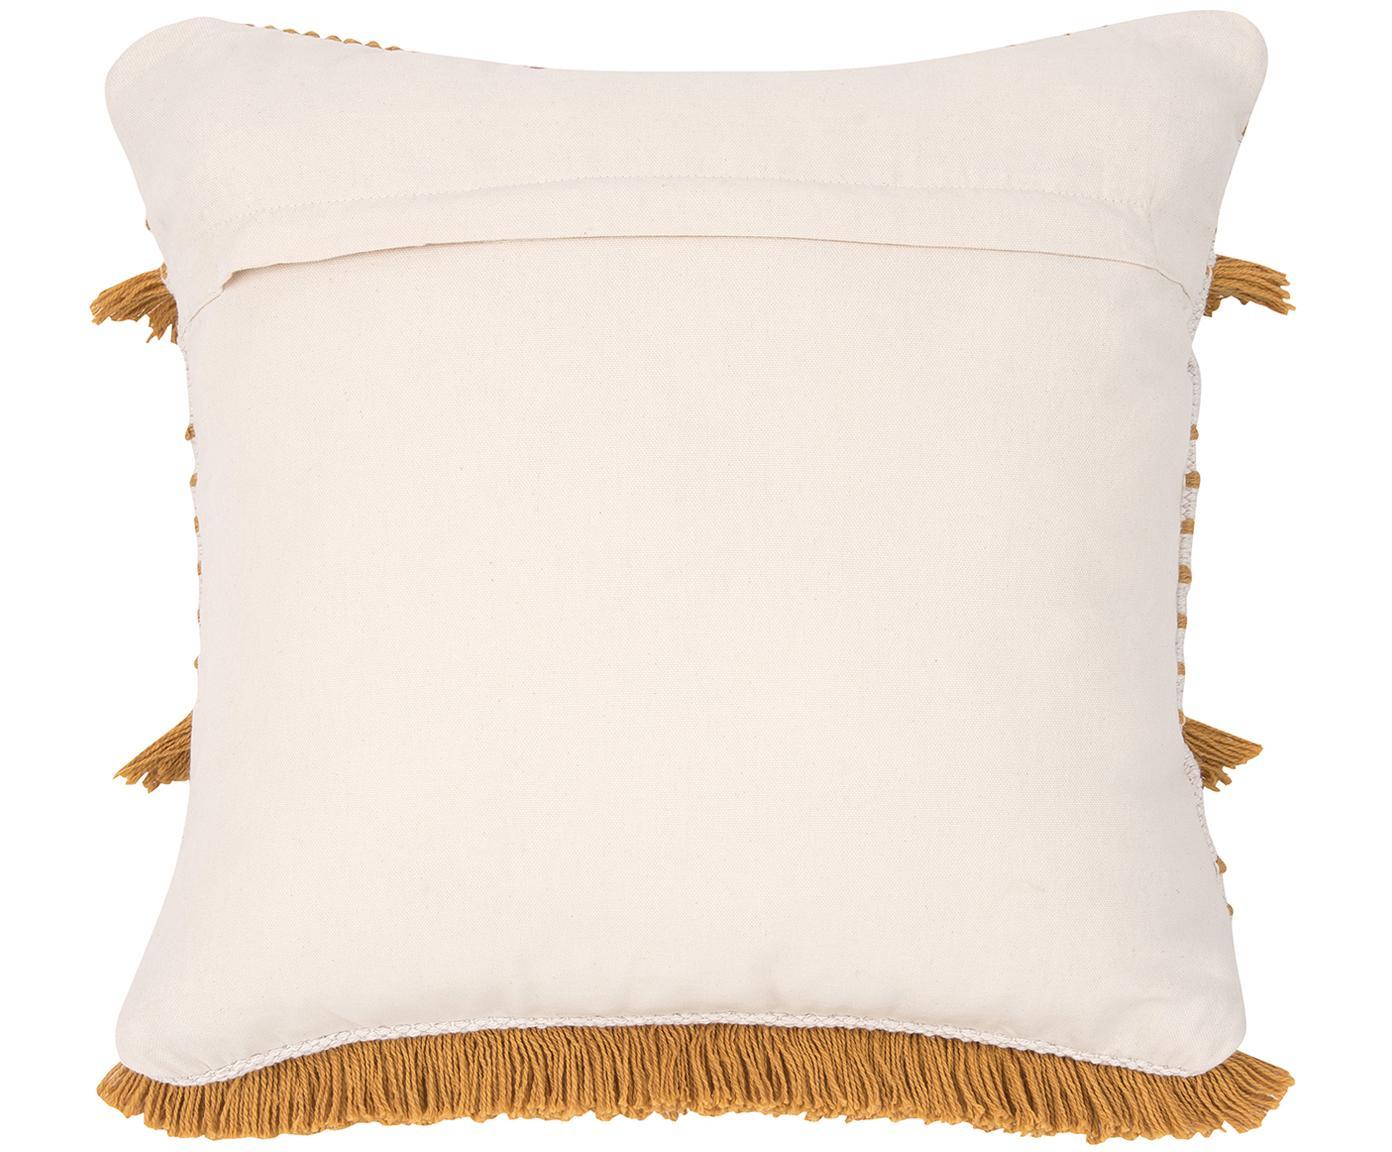 Poszewka na poduszkę Tulika, 100% bawełna, Żółty, beżowy, S 45 x D 45 cm